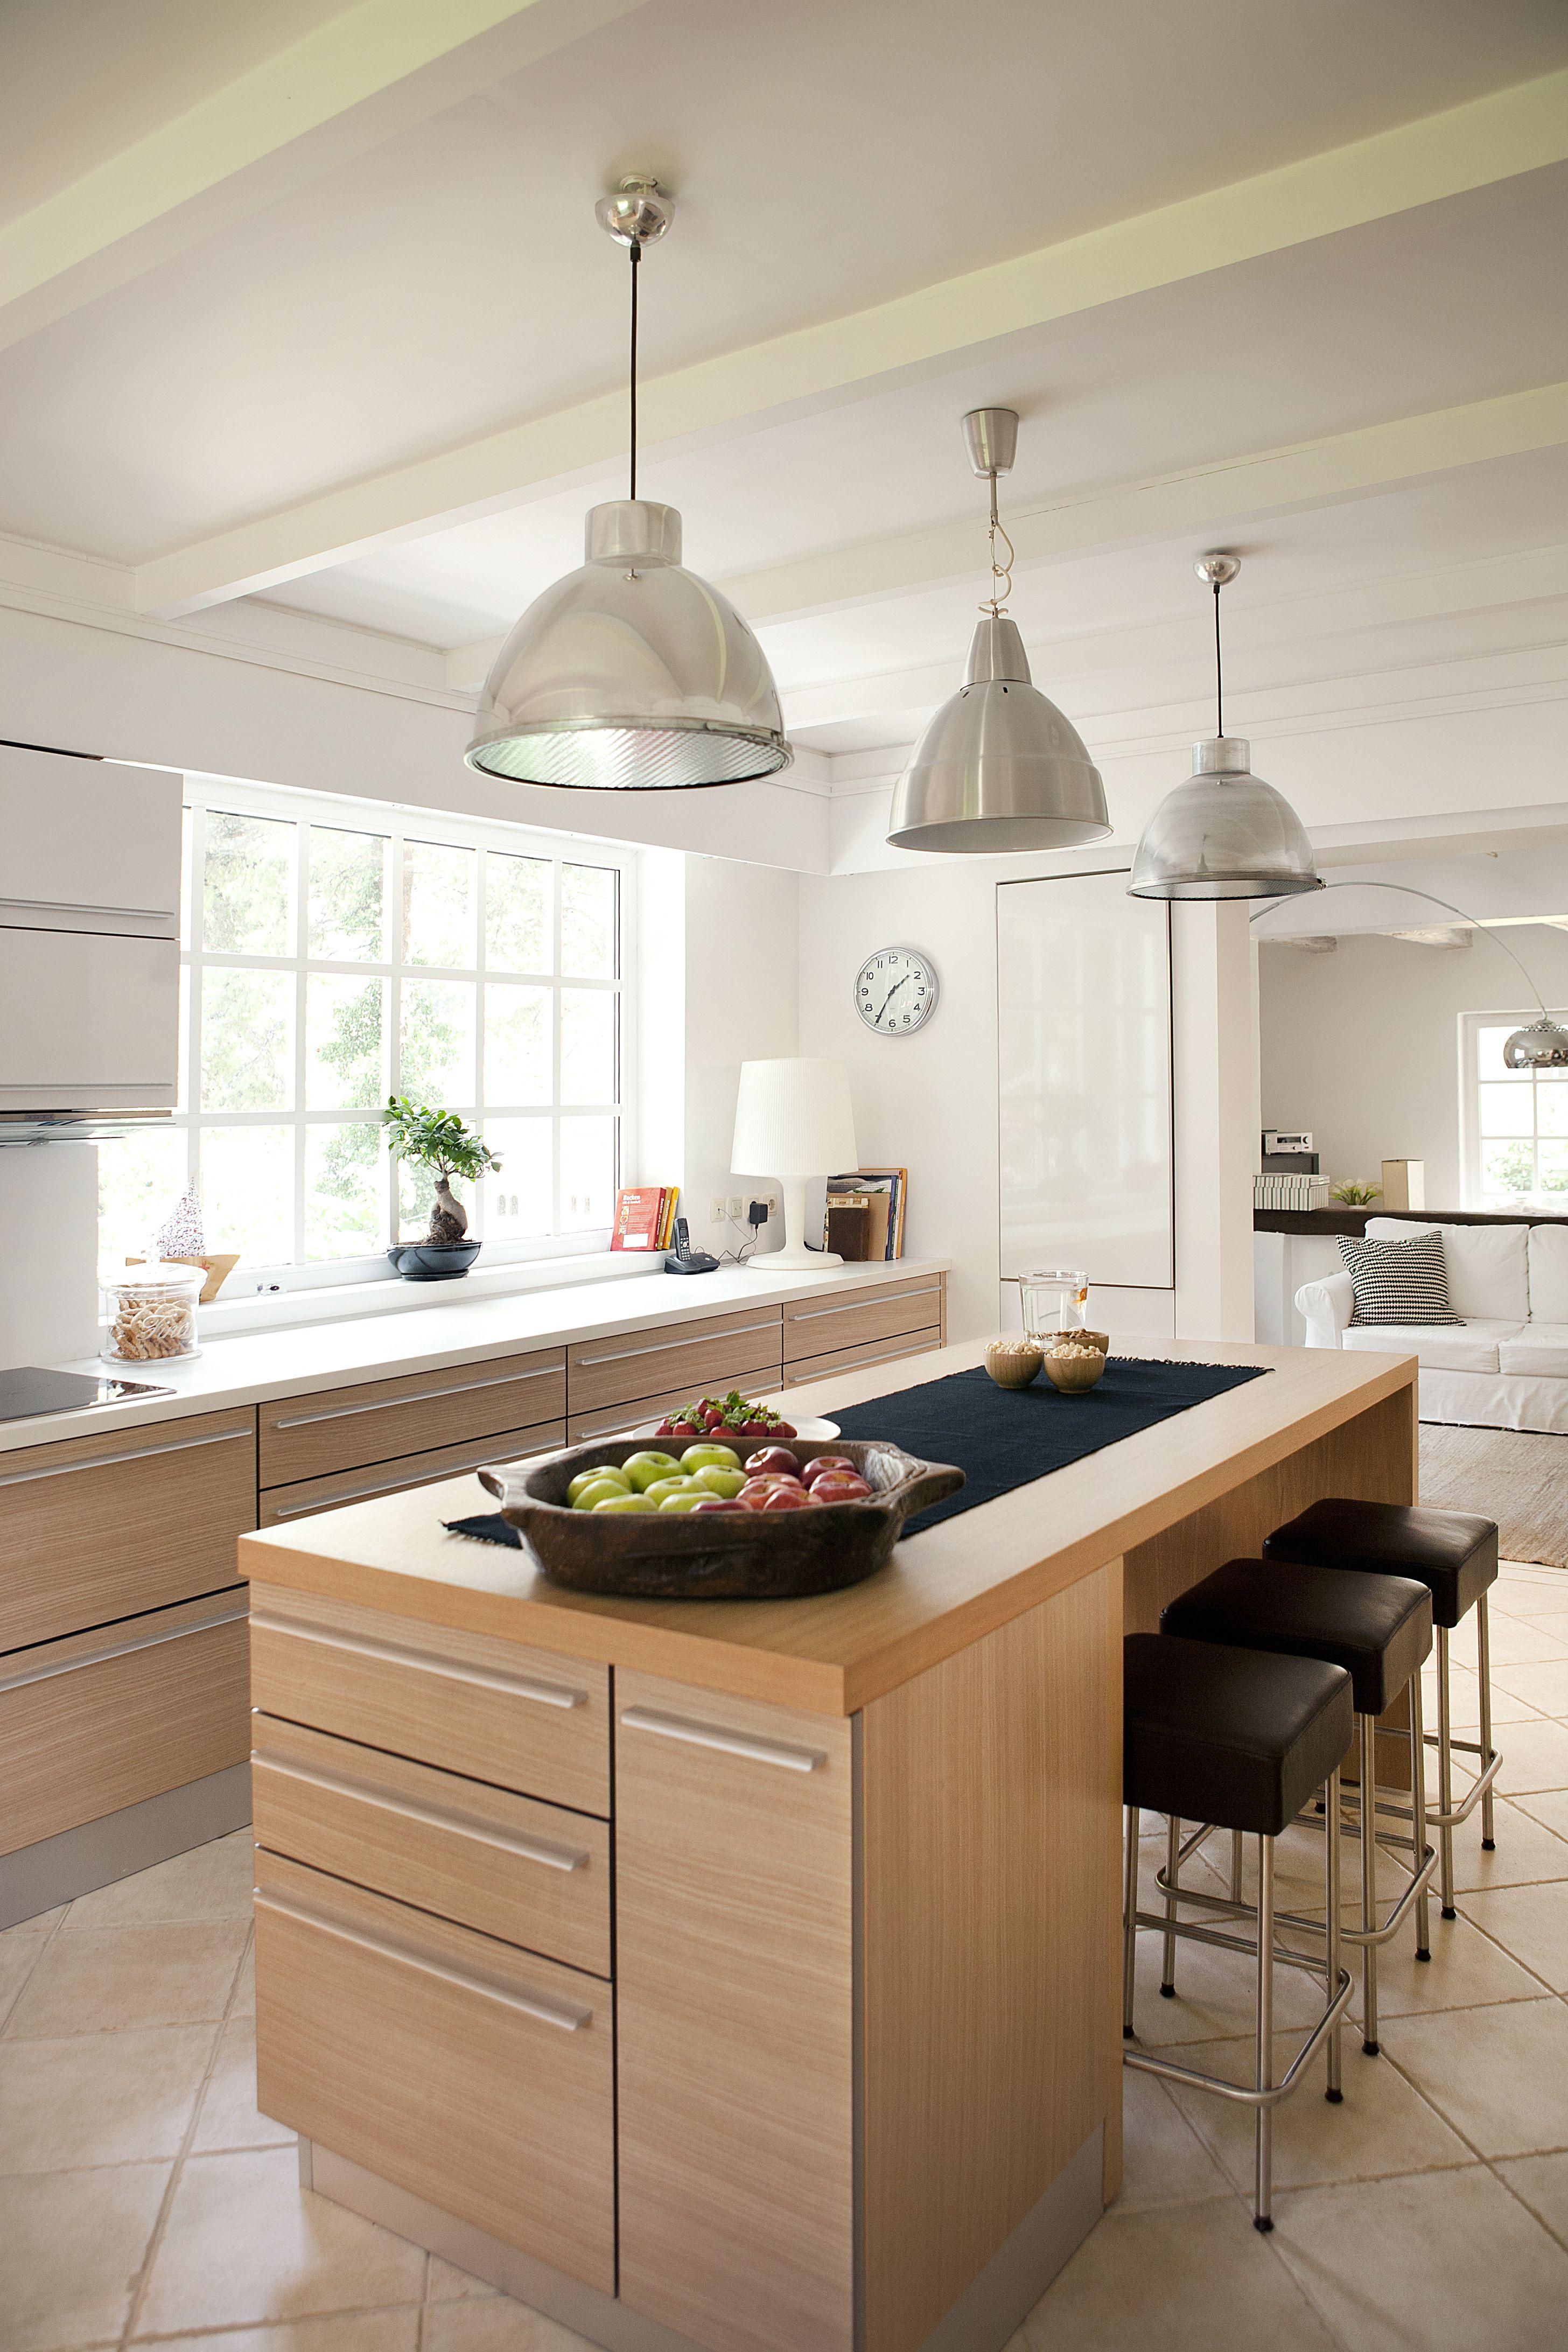 Cocina de dise o moderna de estilo n rdico con madera for Una cocina moderna